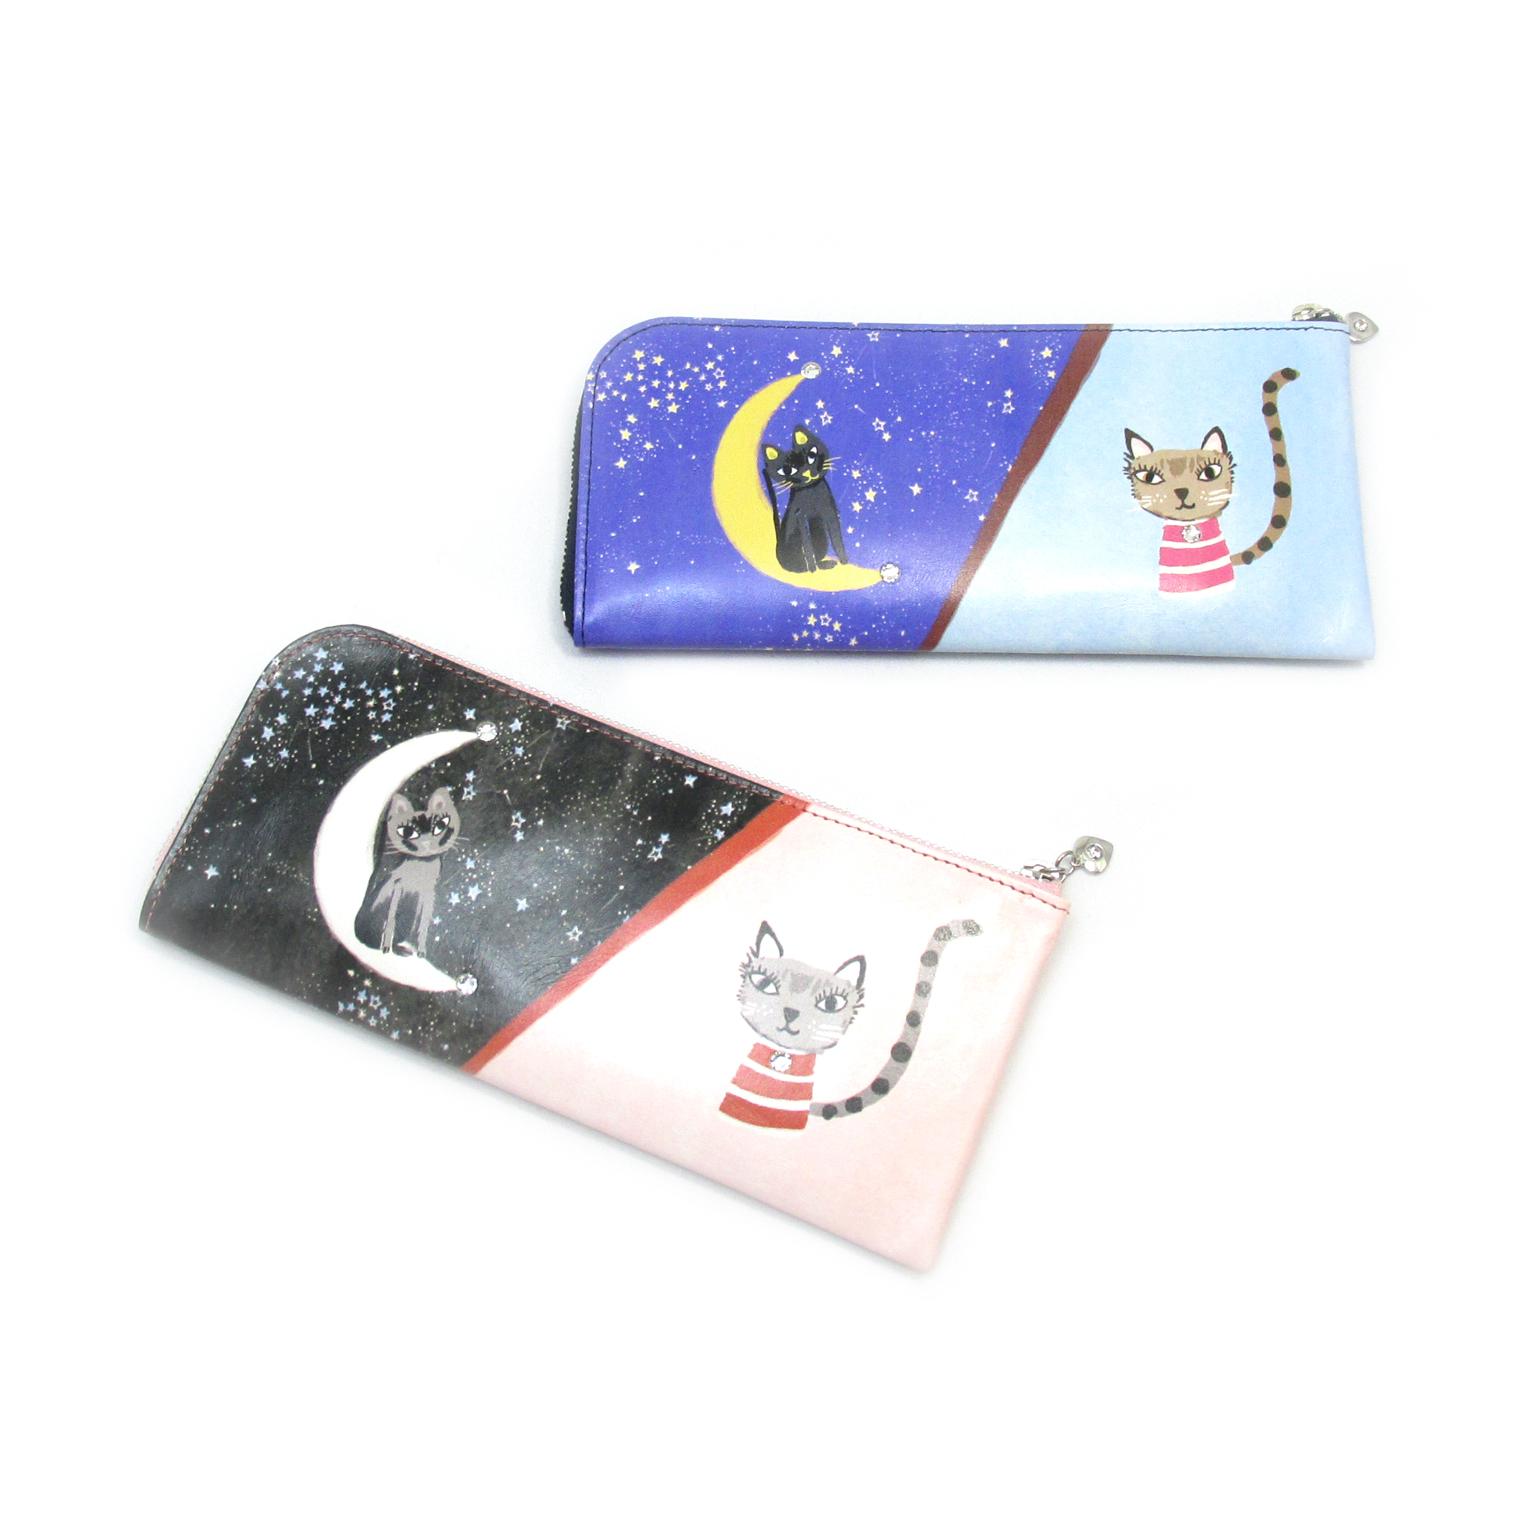 《ビージュエルド》薄型長財布<昼夜猫 トリコ&ケララ> インクジェットプリント【ピンク】